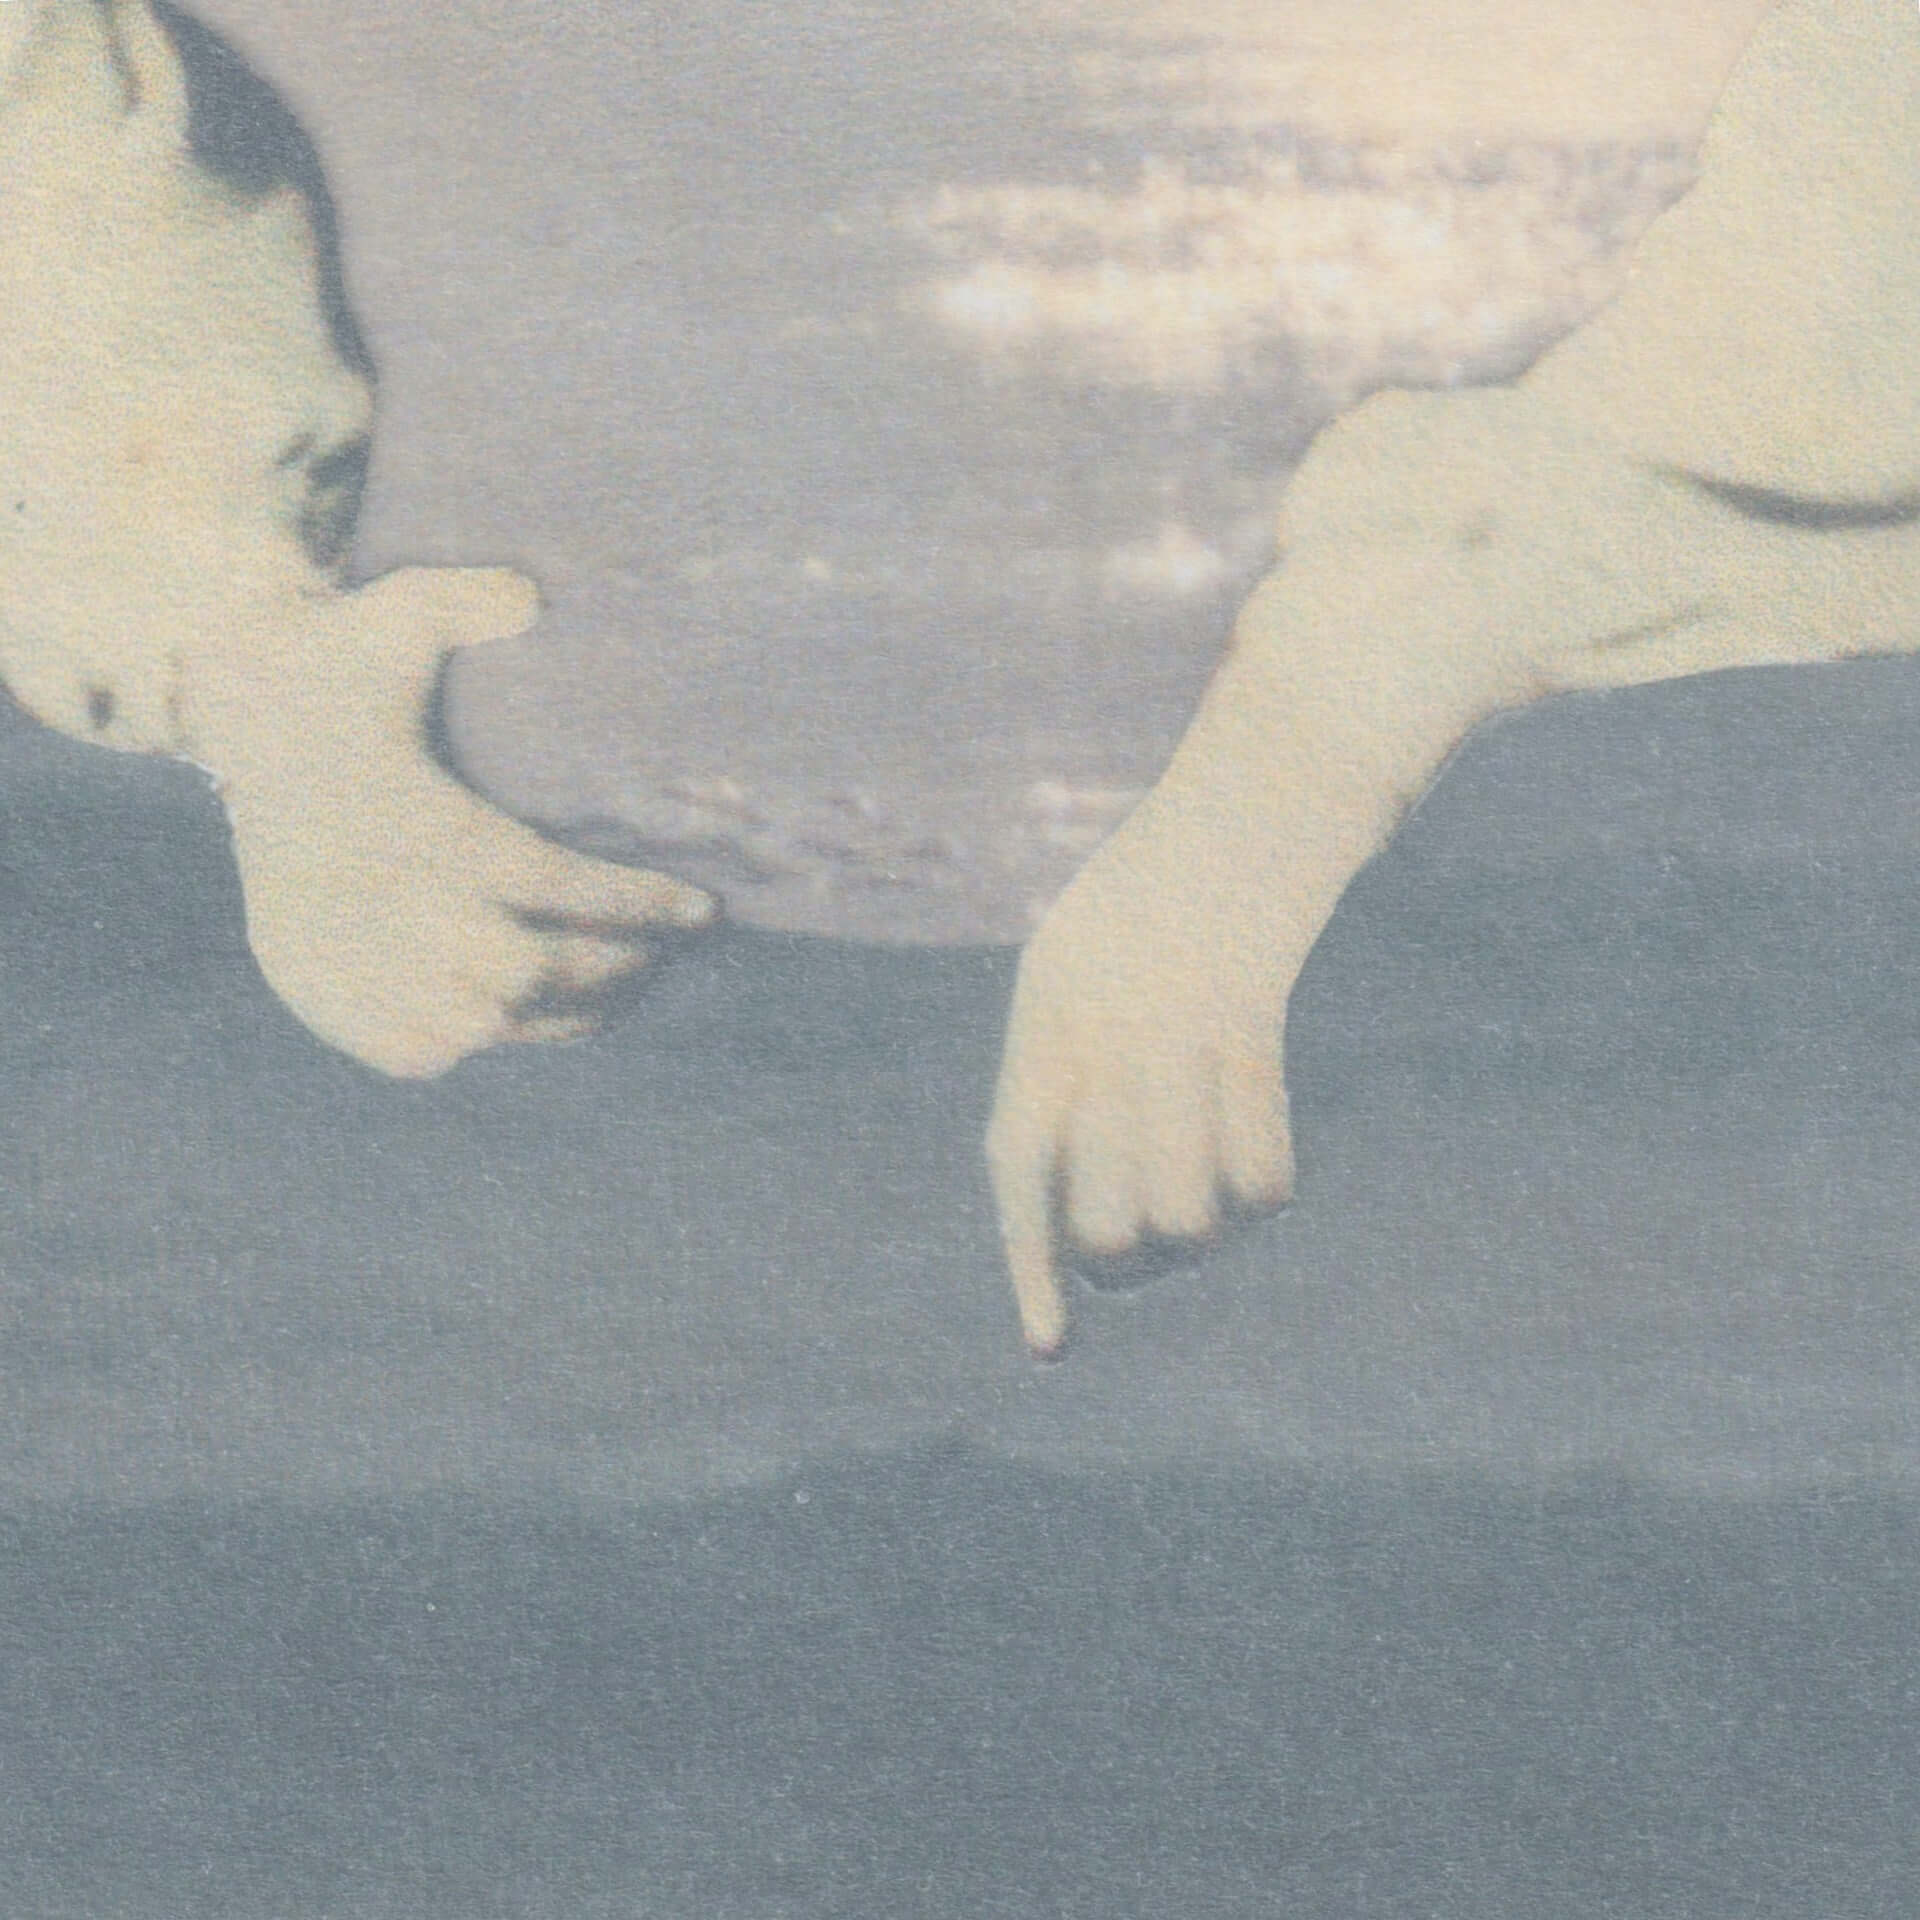 """君島大空の3rd EP『袖の汀』がリリース決定!NHK Eテレ『no art,no life』テーマ曲""""星の降るひと""""など全6曲収録 music210331_kimishimaozora_1-1920x1920"""